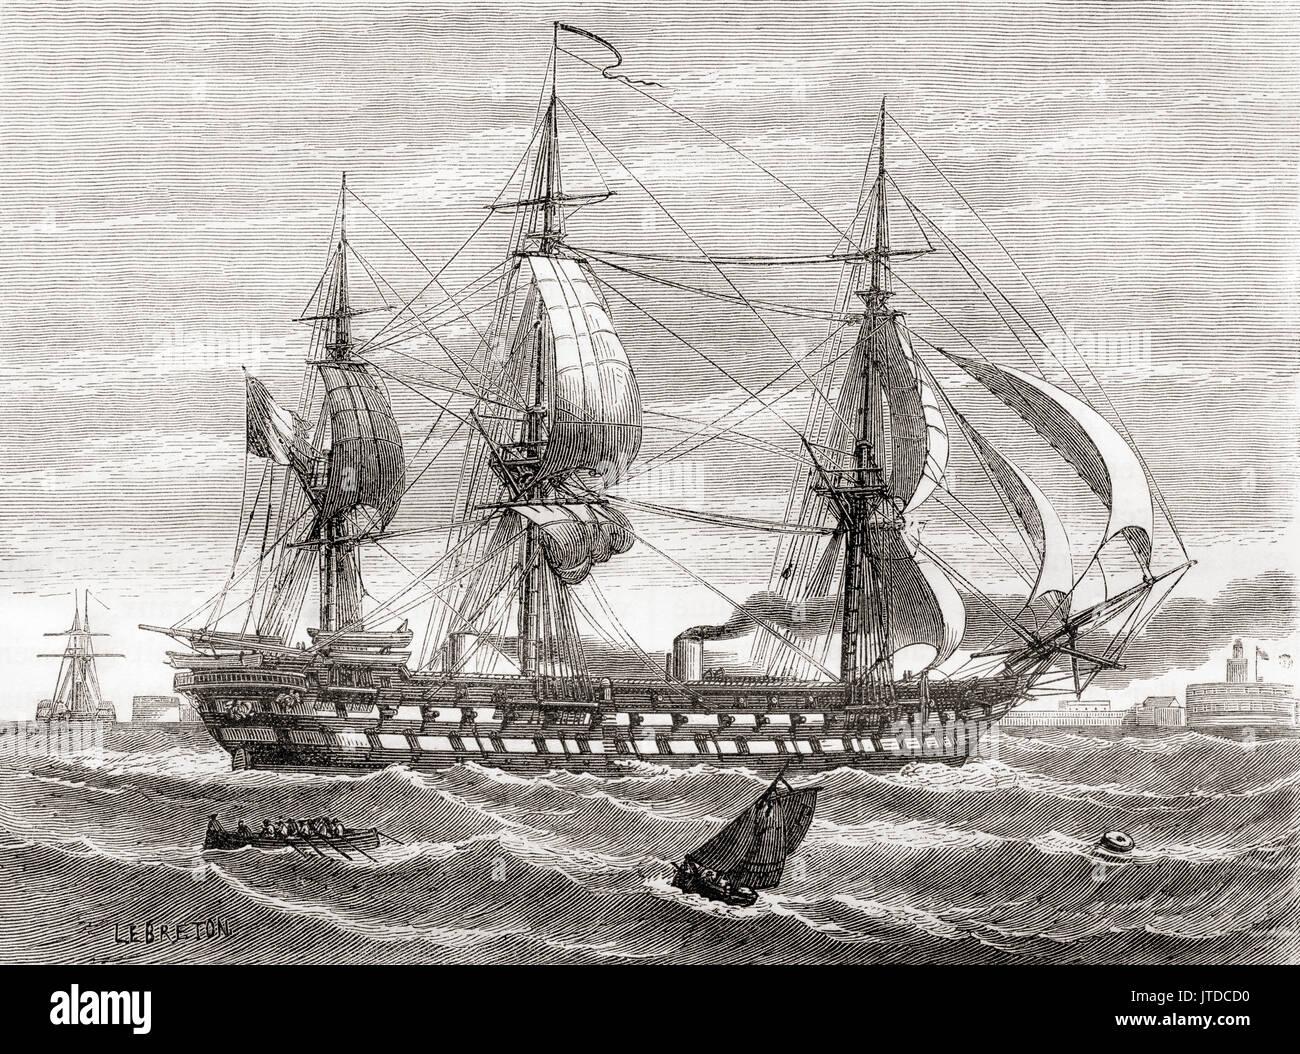 Napoléon, ein 90-Kanonen Schiff der Linie der Französischen Marine, der erste Zweck gebauten Dampf Schlachtschiff der Welt. Von Les merveilles de la Science, veröffentlicht 1870. Stockbild